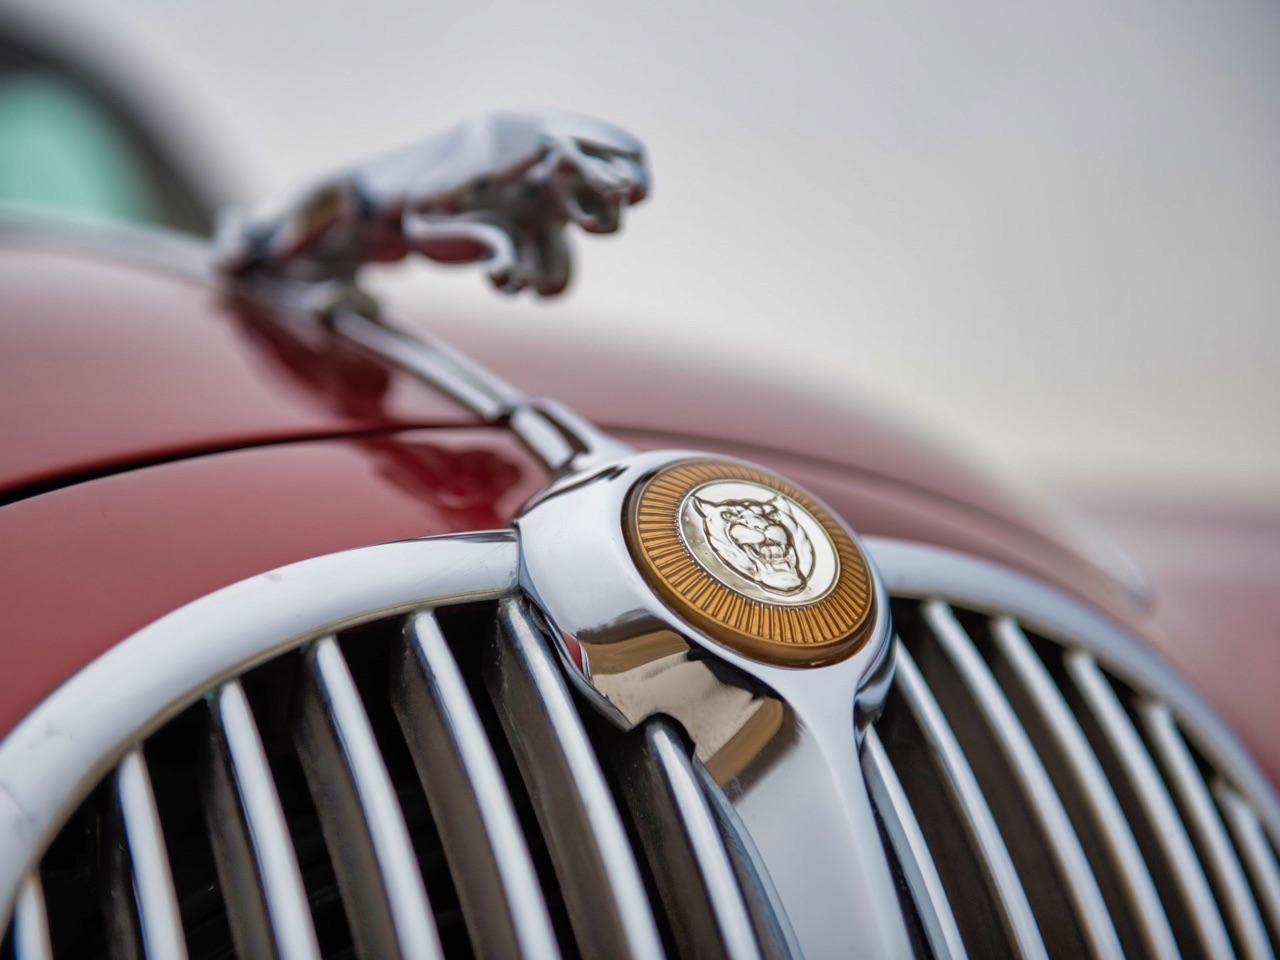 Restomod Jaguar Mk2 3.8... enfin, plutôt Beacham V8 Supercharged ! 4